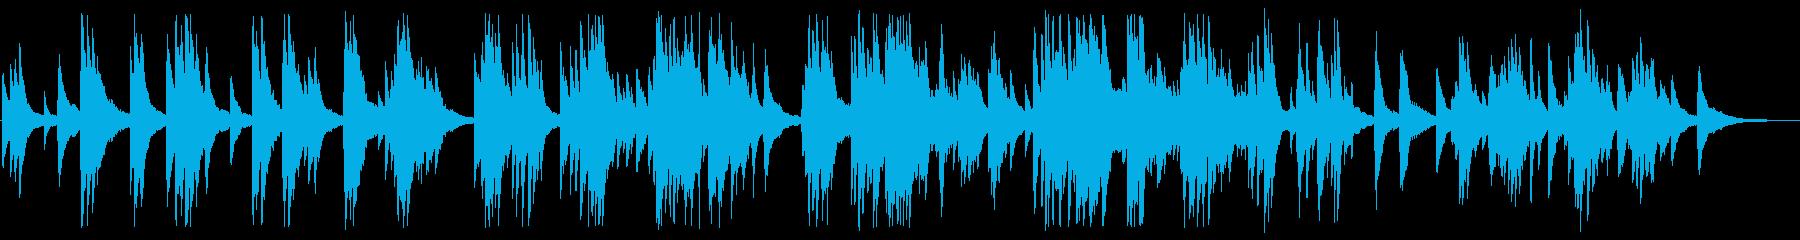 憂いのある大人のジャズピアノBGMの再生済みの波形